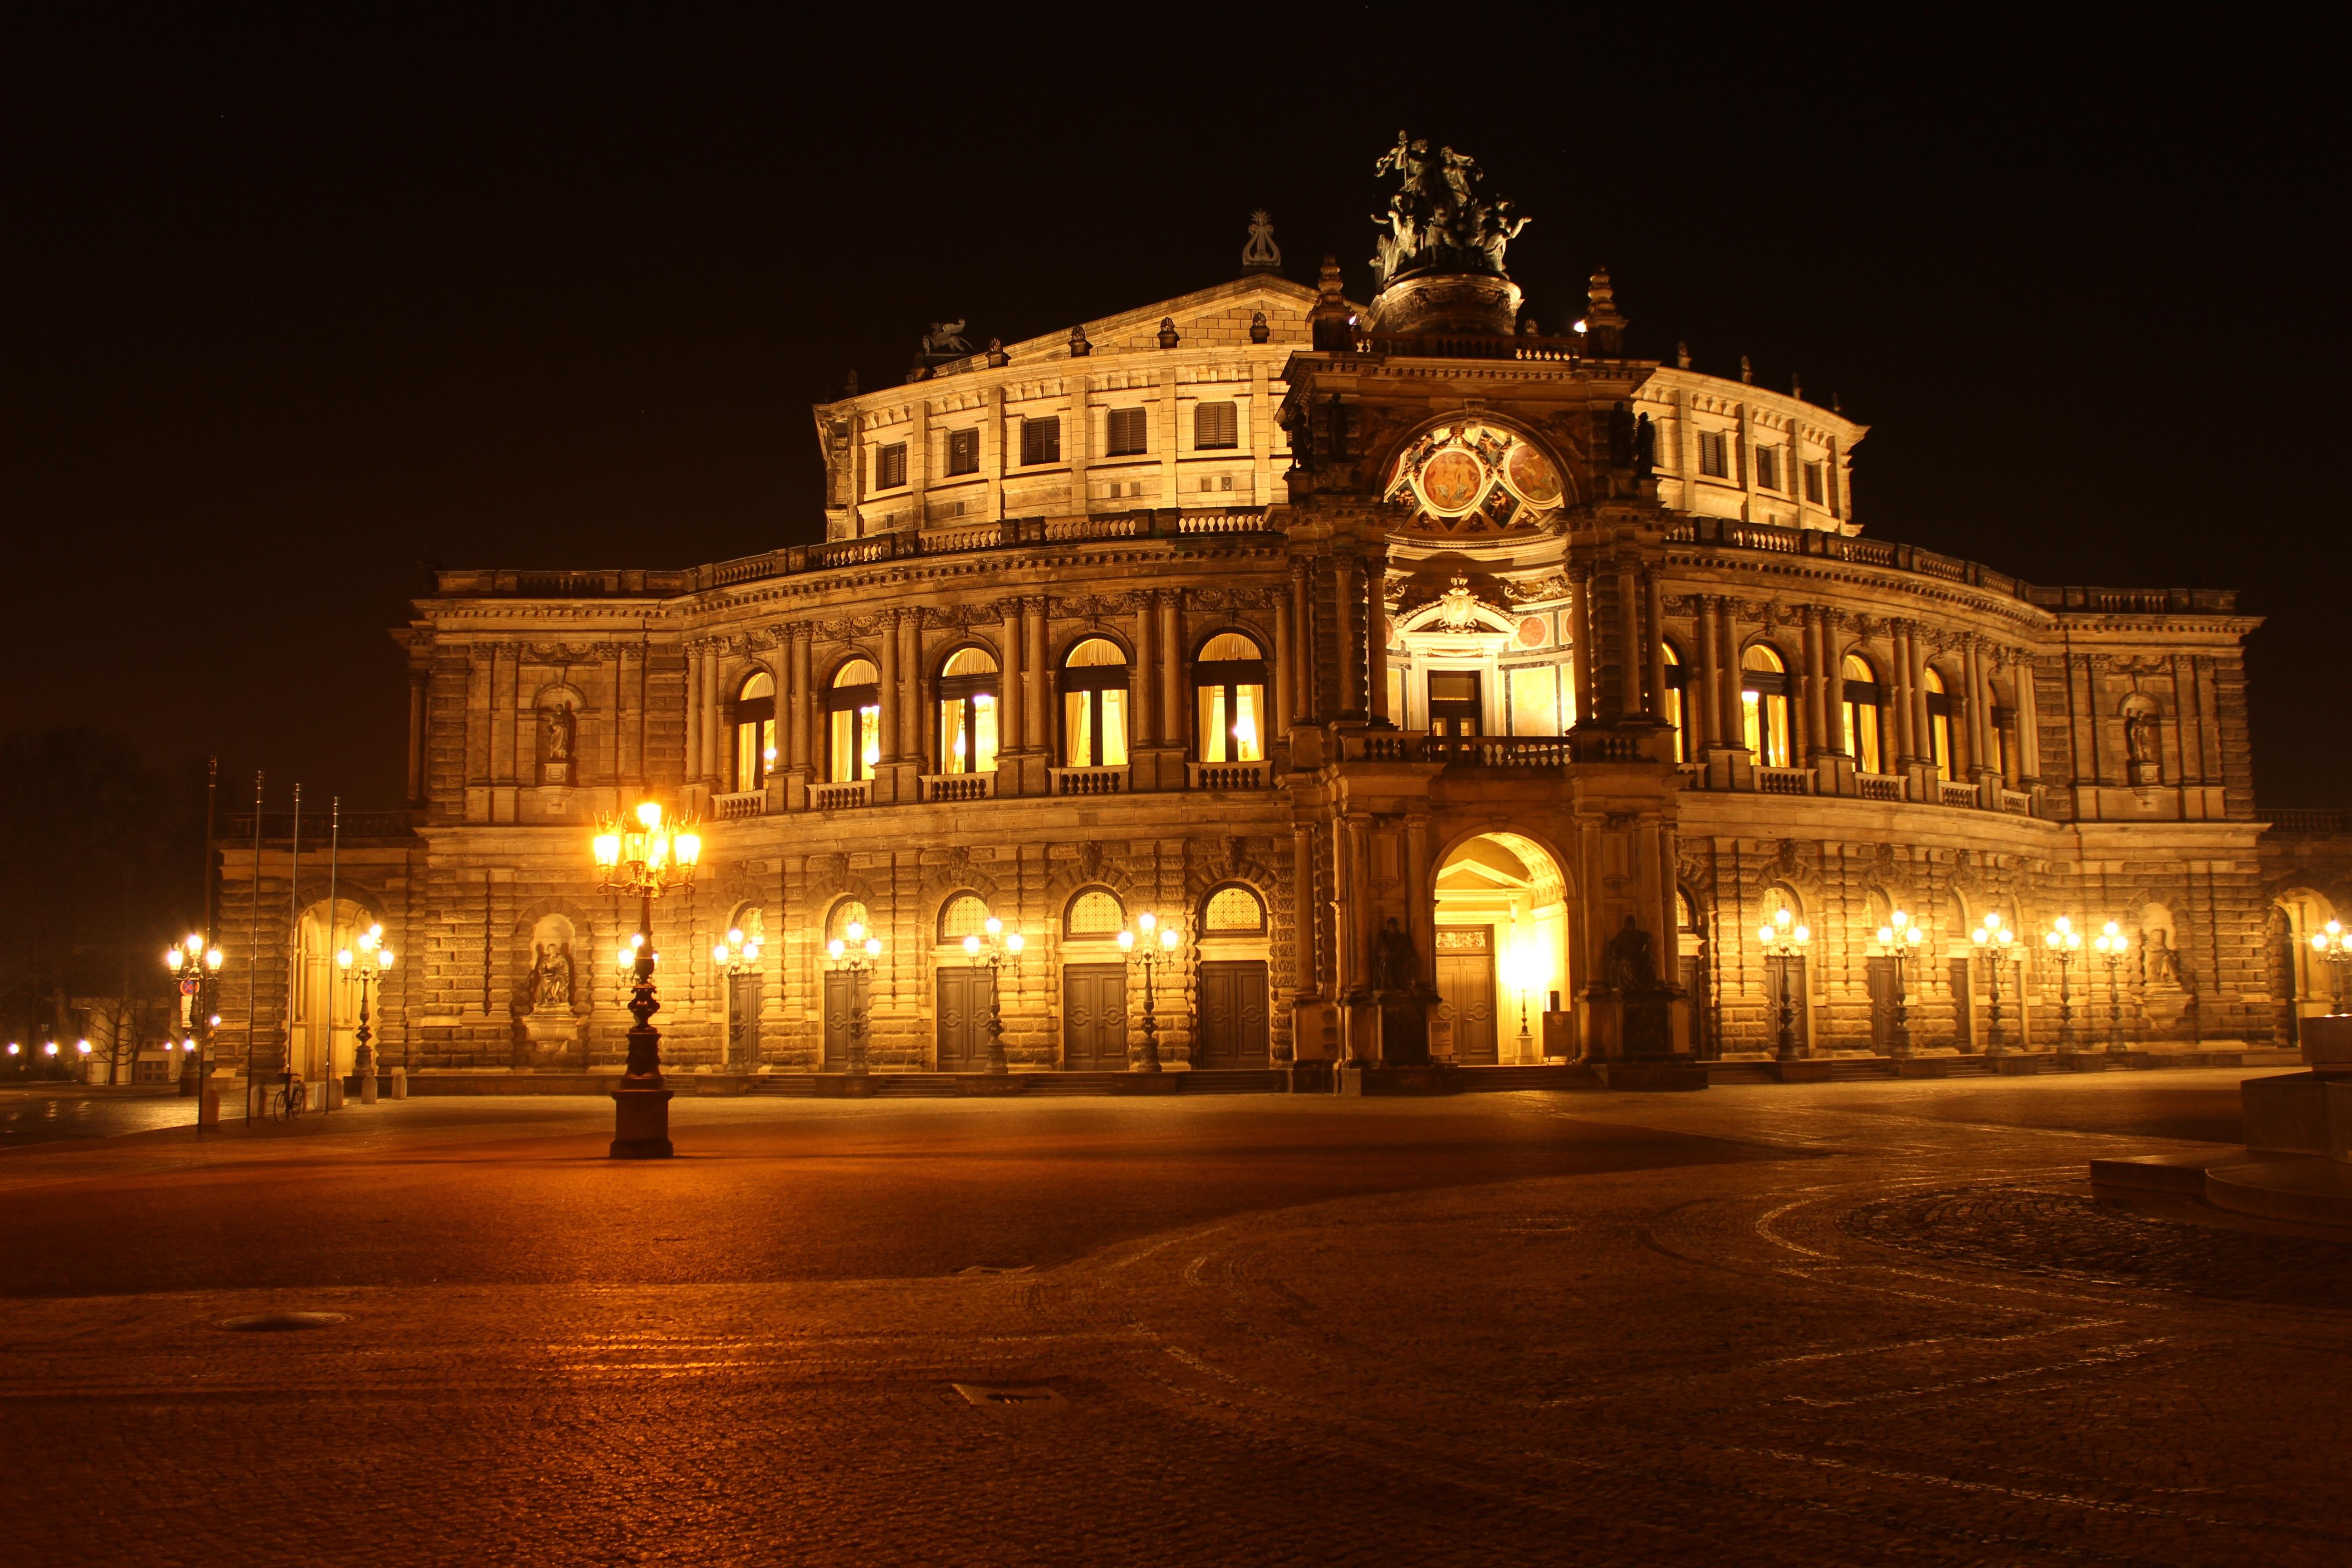 無料画像  光, 建築, 建物, 宮殿, シティ, 都市景観, 夕暮れ